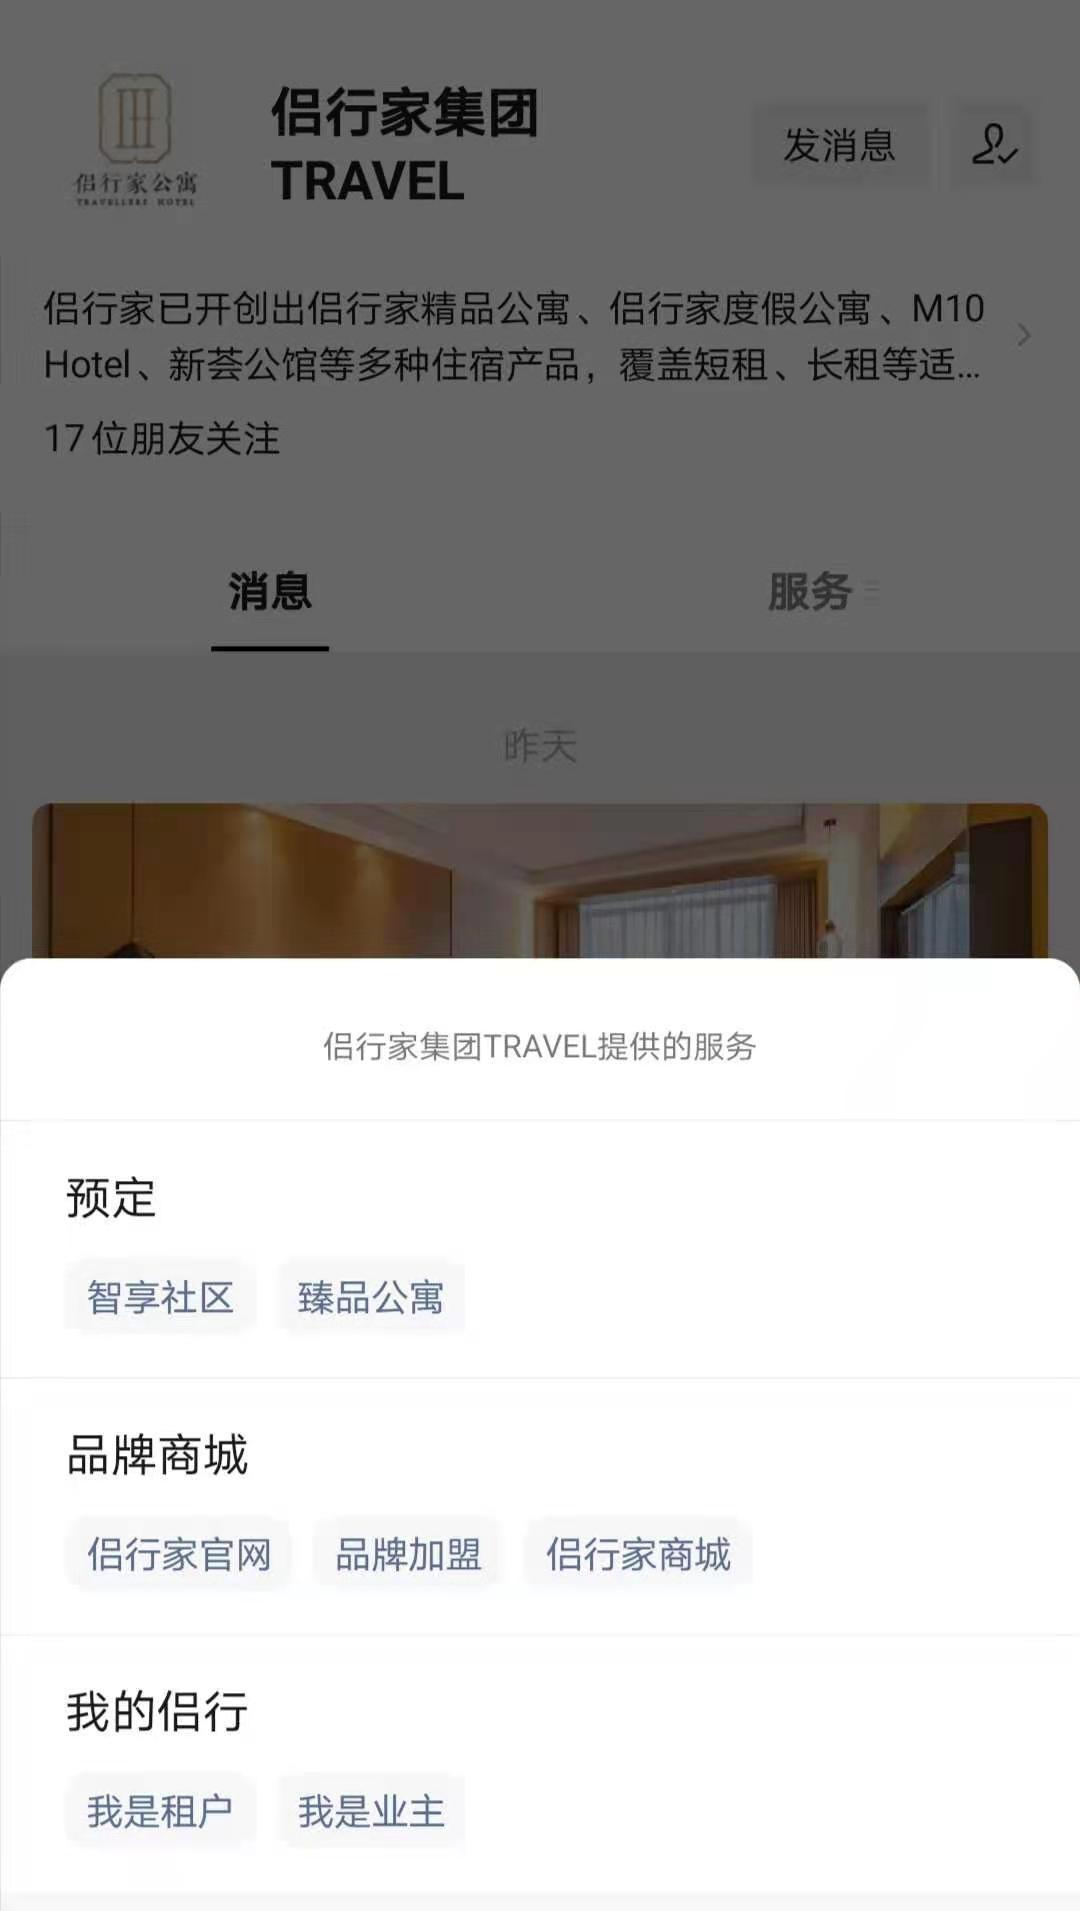 侣行家集团公众号再升级,微信小程序上线,开启酒店智能化